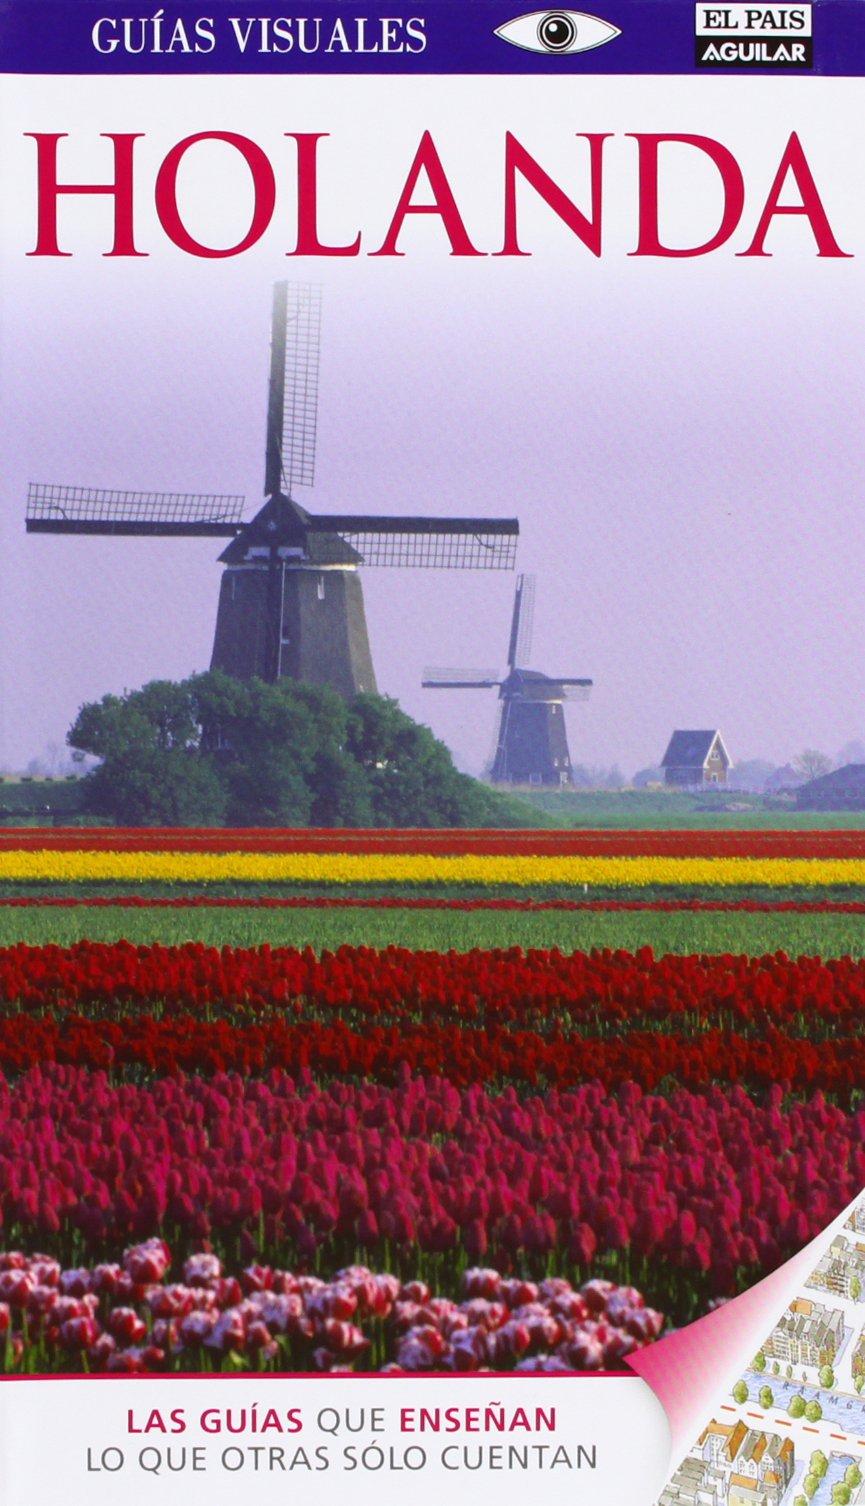 Guía Visual Holanda (Guías Visuales): Amazon.es: Varios autores ...